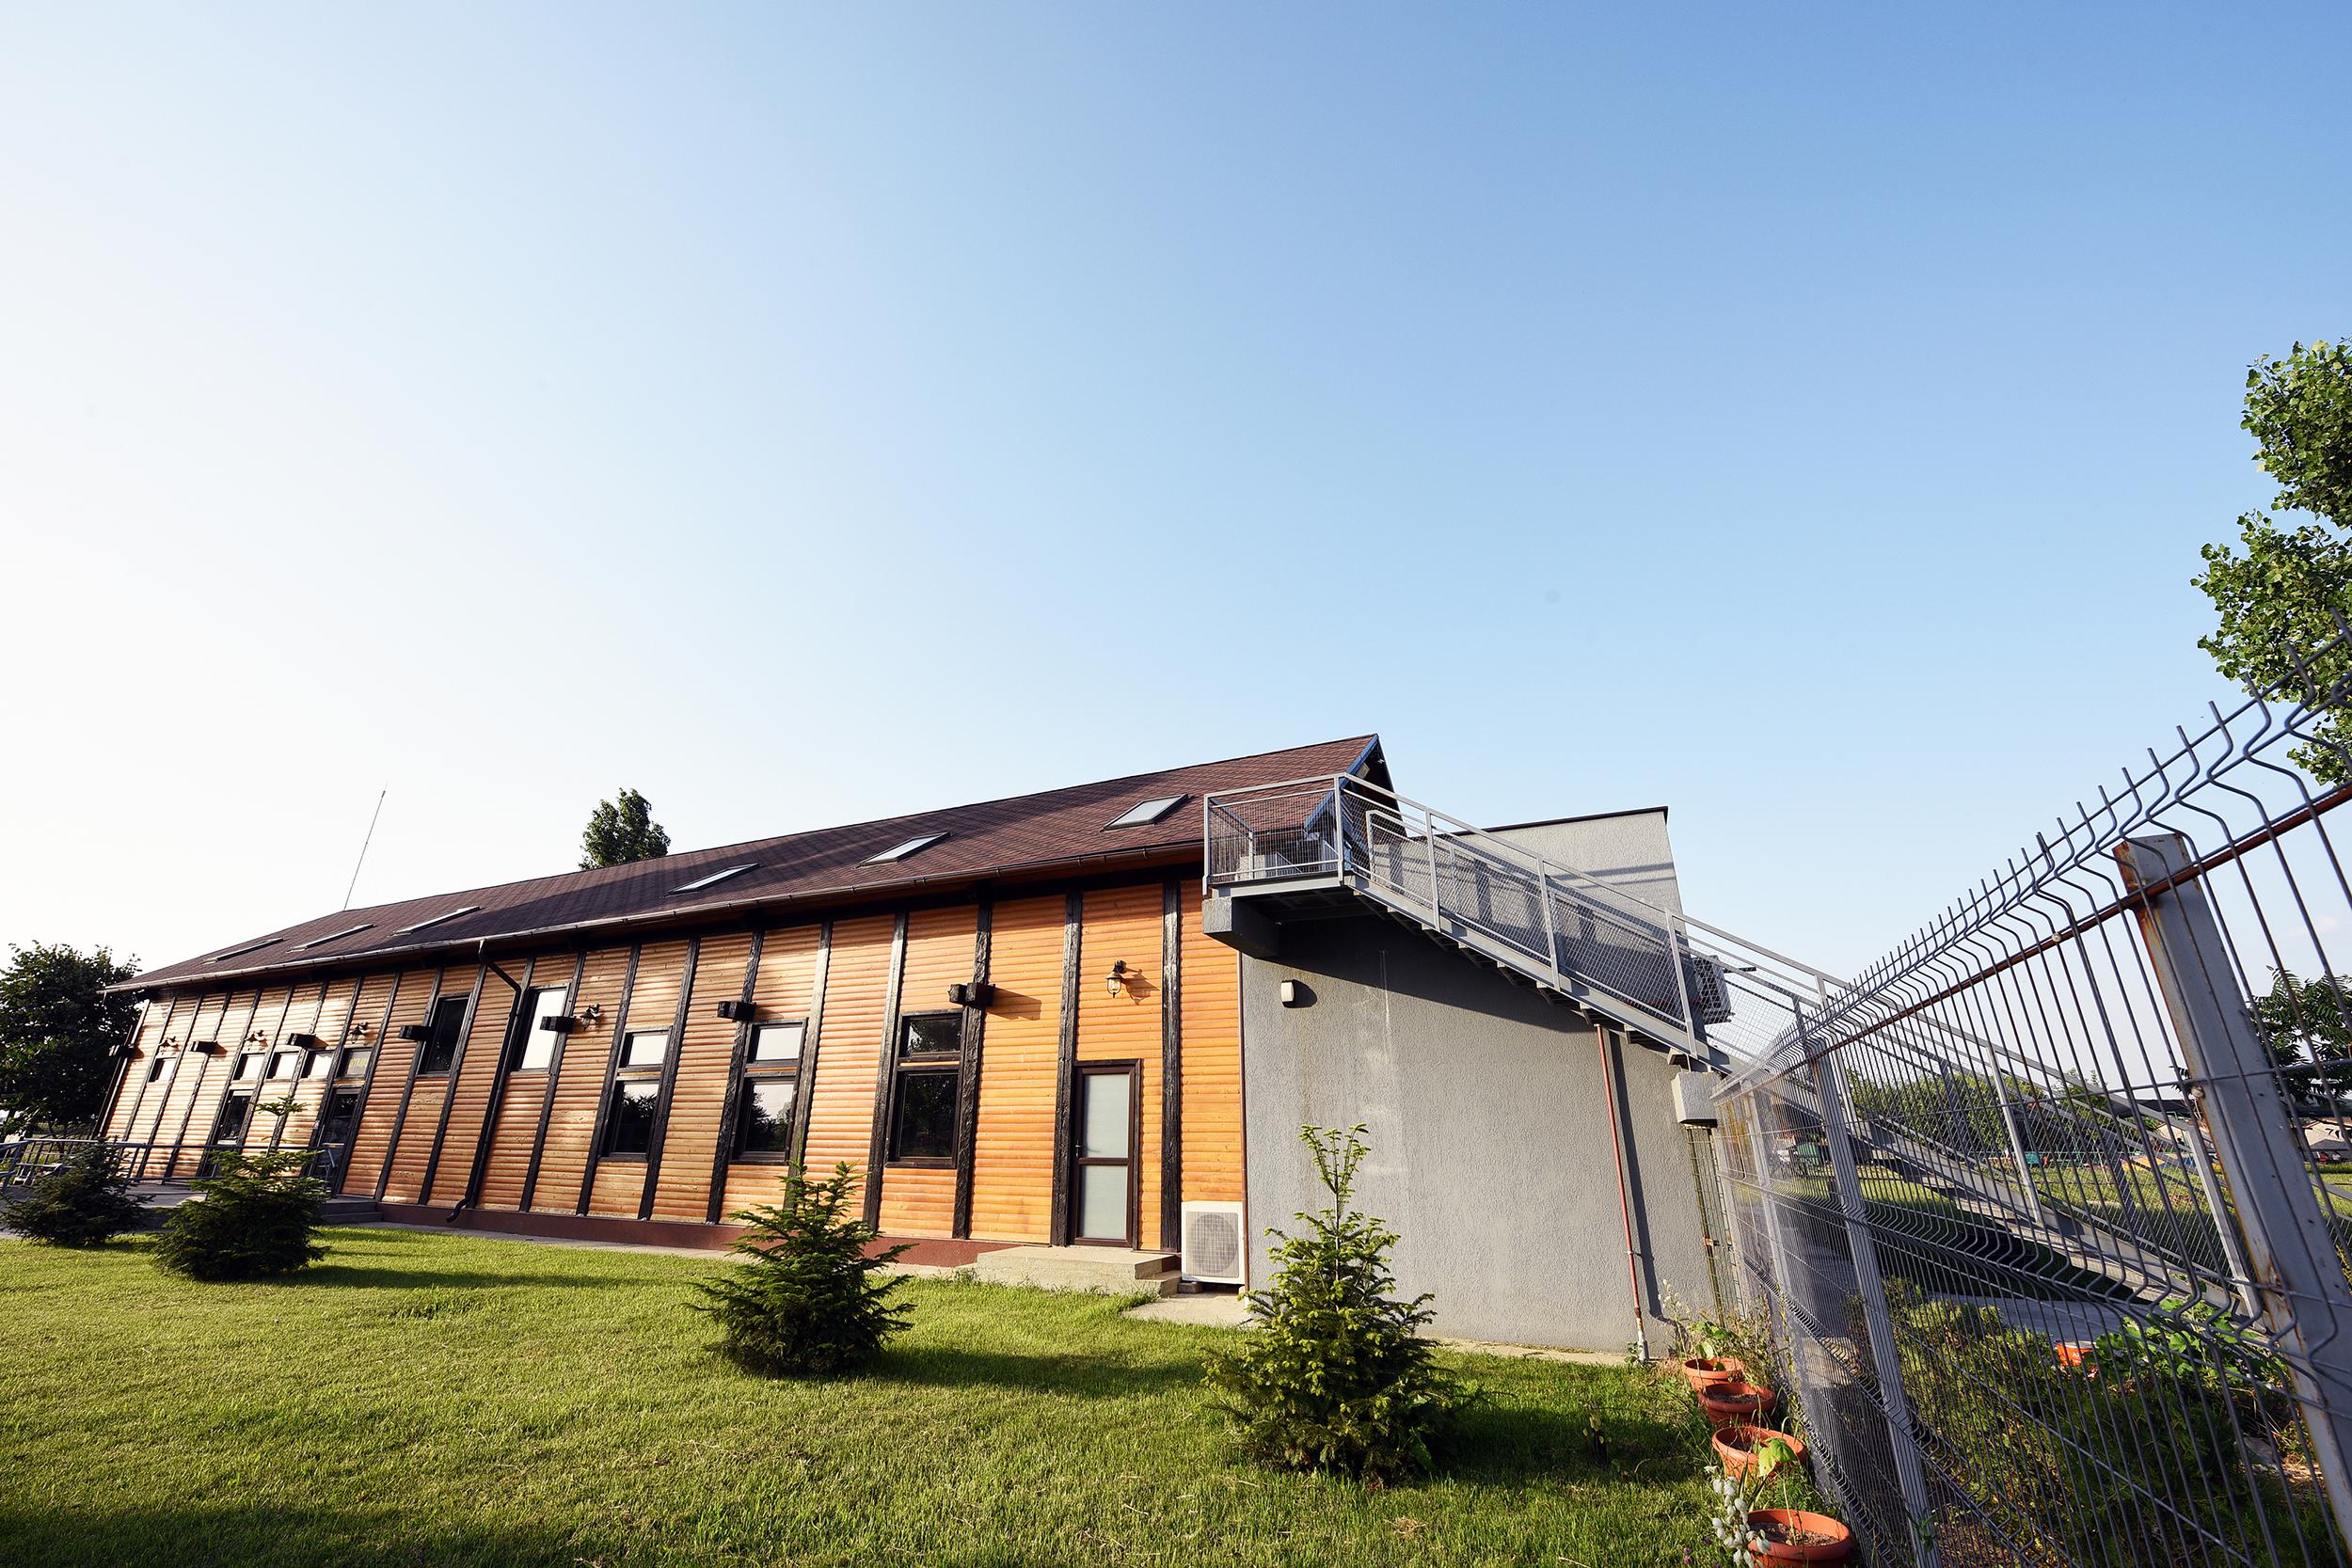 The Animal Farm - Nominalizarile pentru Premiile Romanian Building Awards - premii de recunoastere publica a excelentei in proiectarea si executia spatiului construit din Romania